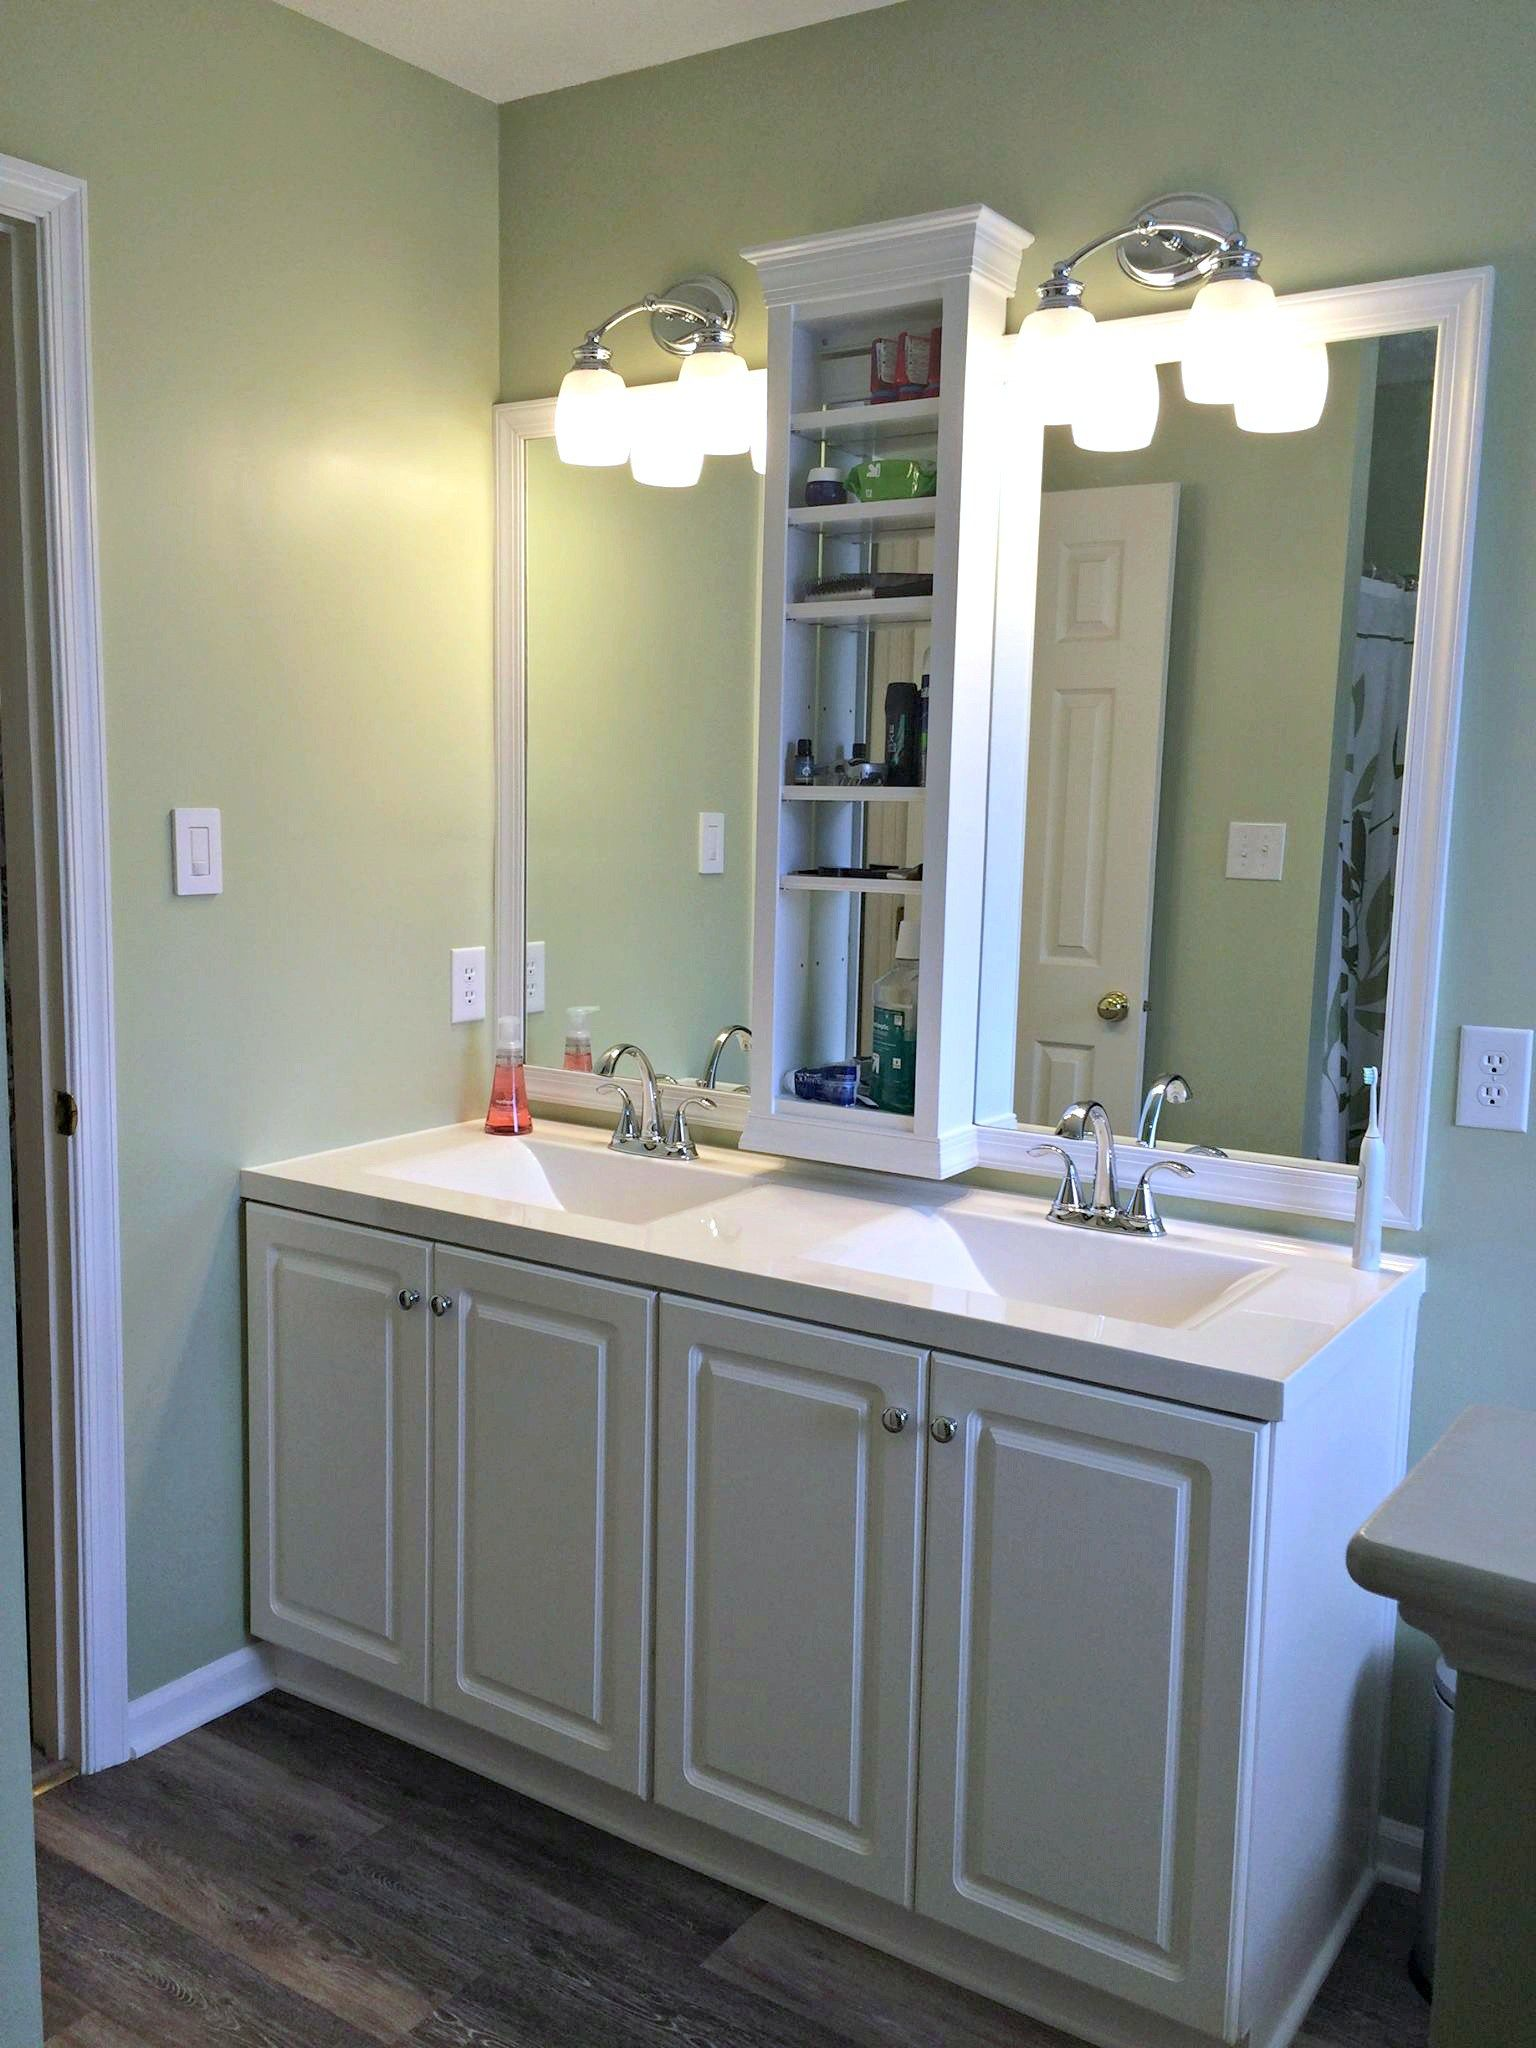 Master Bathroom Vanity Sink Mirror Update Built In Shelves